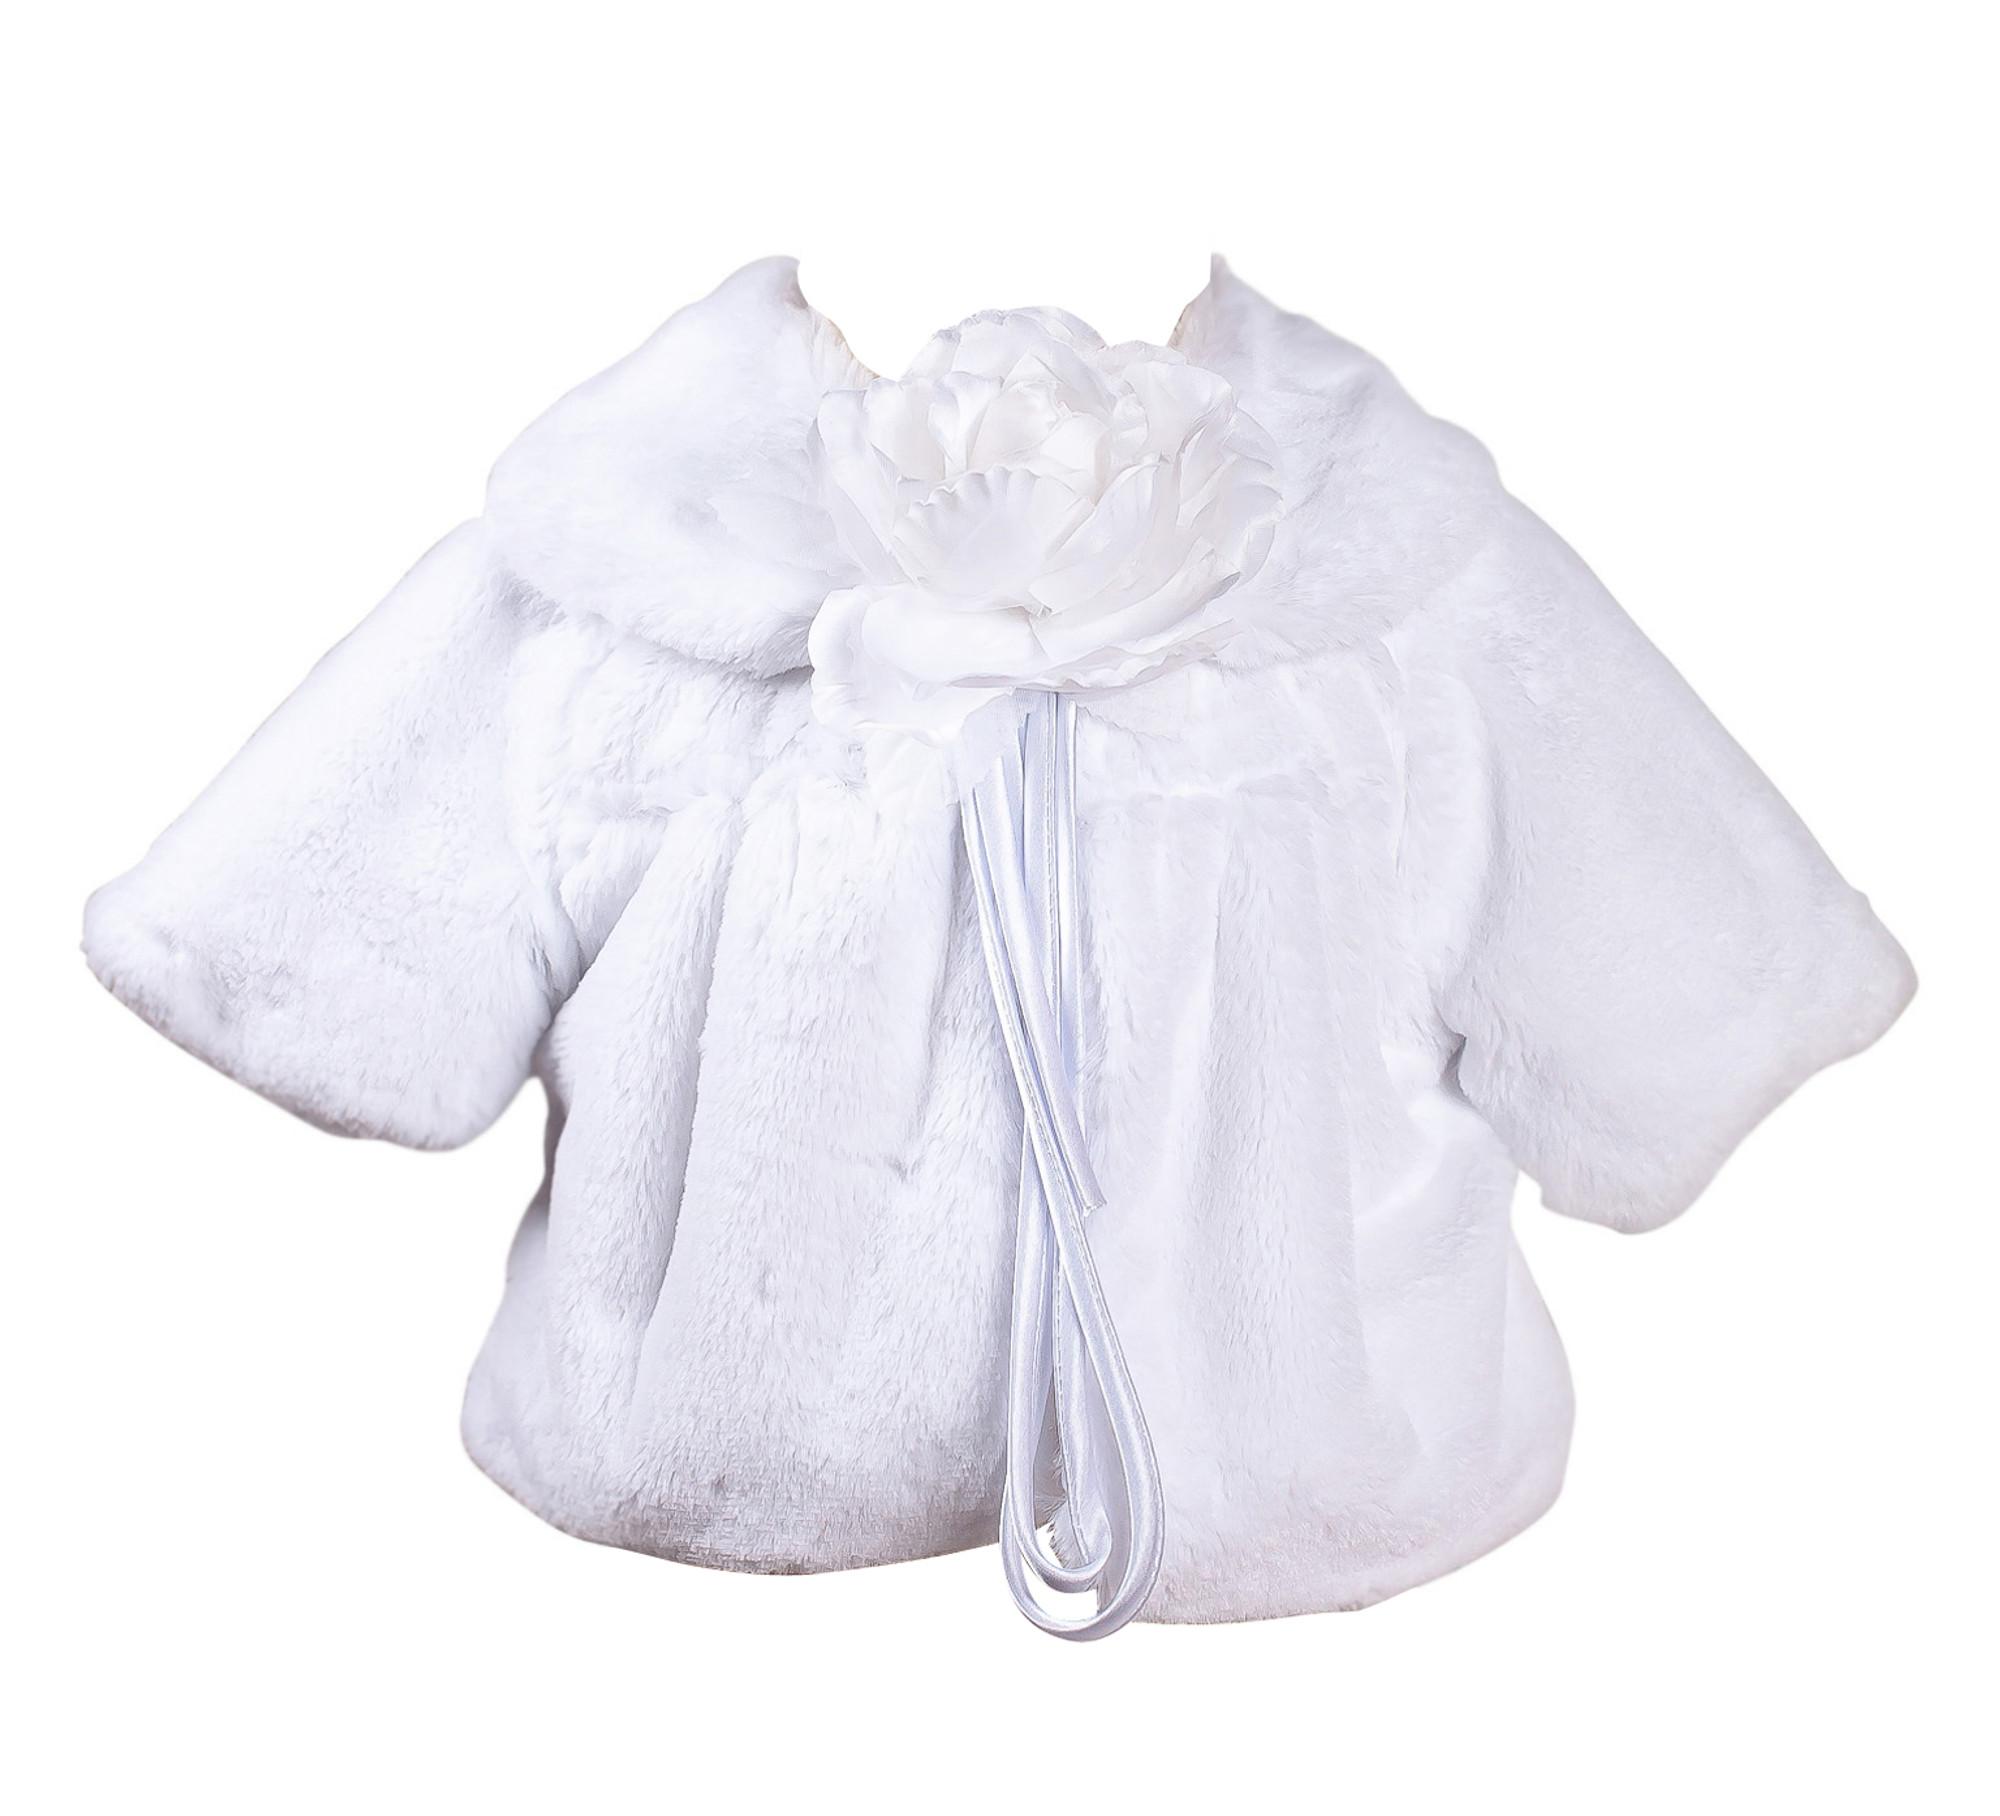 Hübsche Plüschjacke Baby Bolero weiß weich 3/4 Armlänge Mädchen Webpelz Jacke Taufe Hochzeit Kunstpelz Fell Taufjacke 001